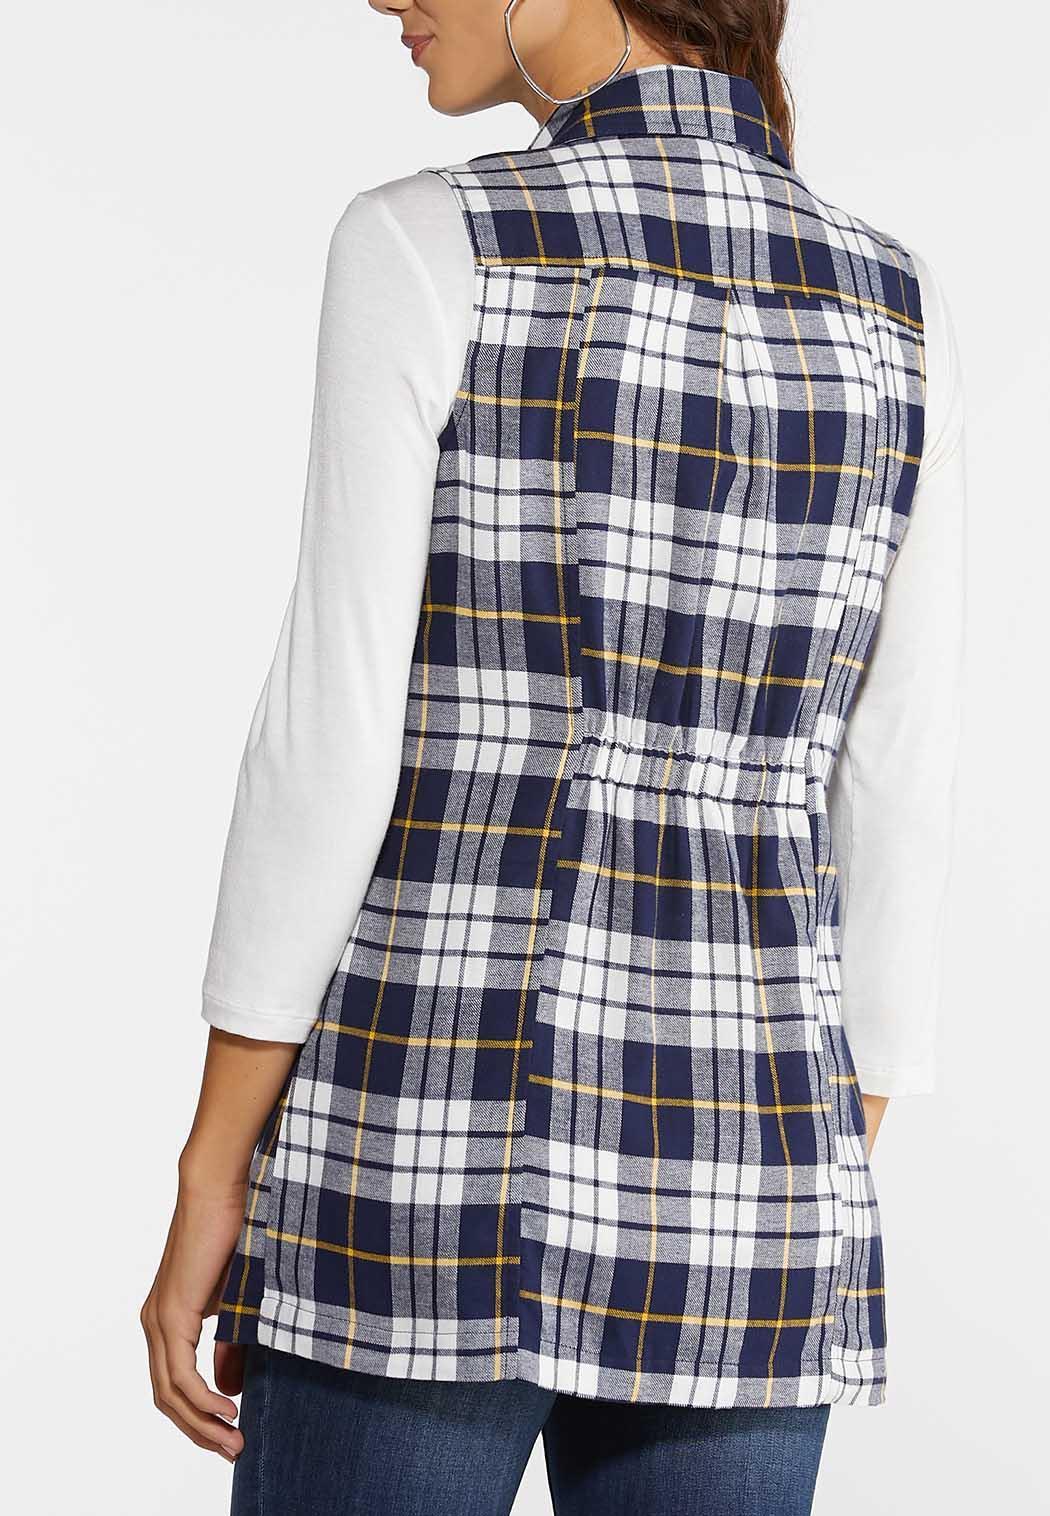 Navy Plaid Vest (Item #43956115)